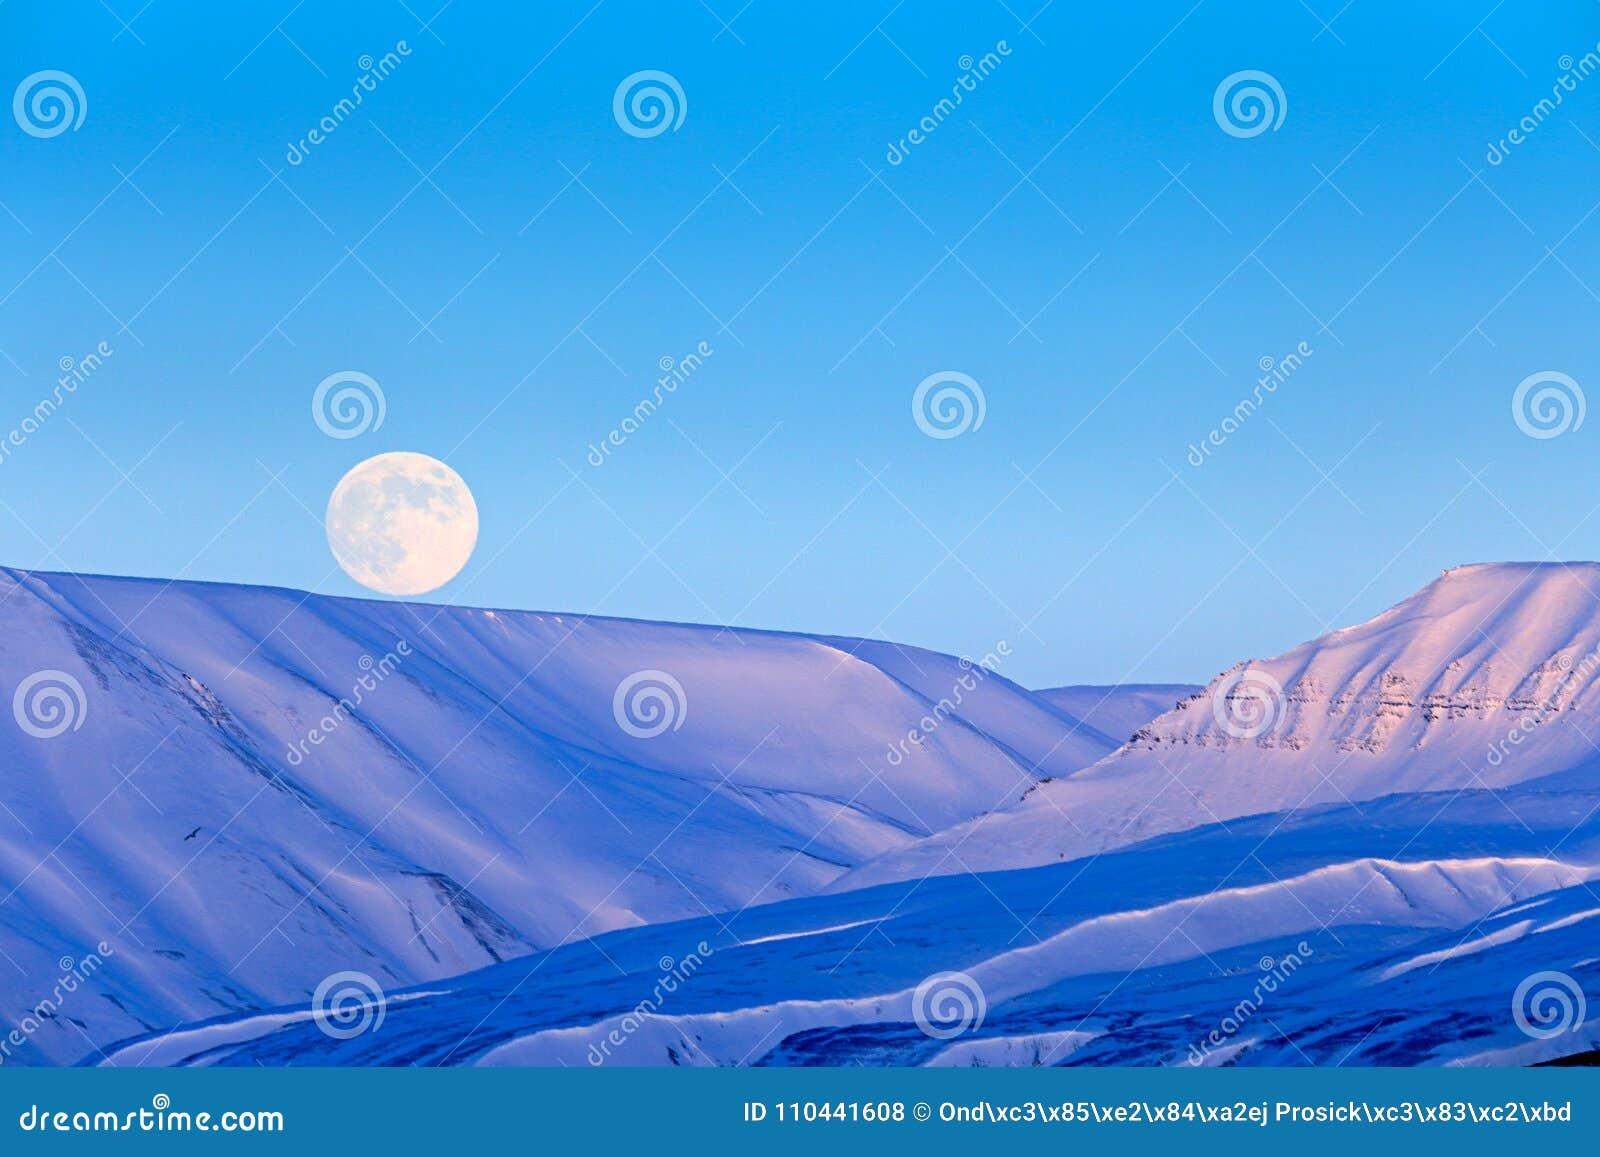 Witte sneeuwberg met Maan, blauwe gletsjer Svalbard, Noorwegen Ijs in oceaan Ijsbergschemering in het Noordenpool Roze wolken met